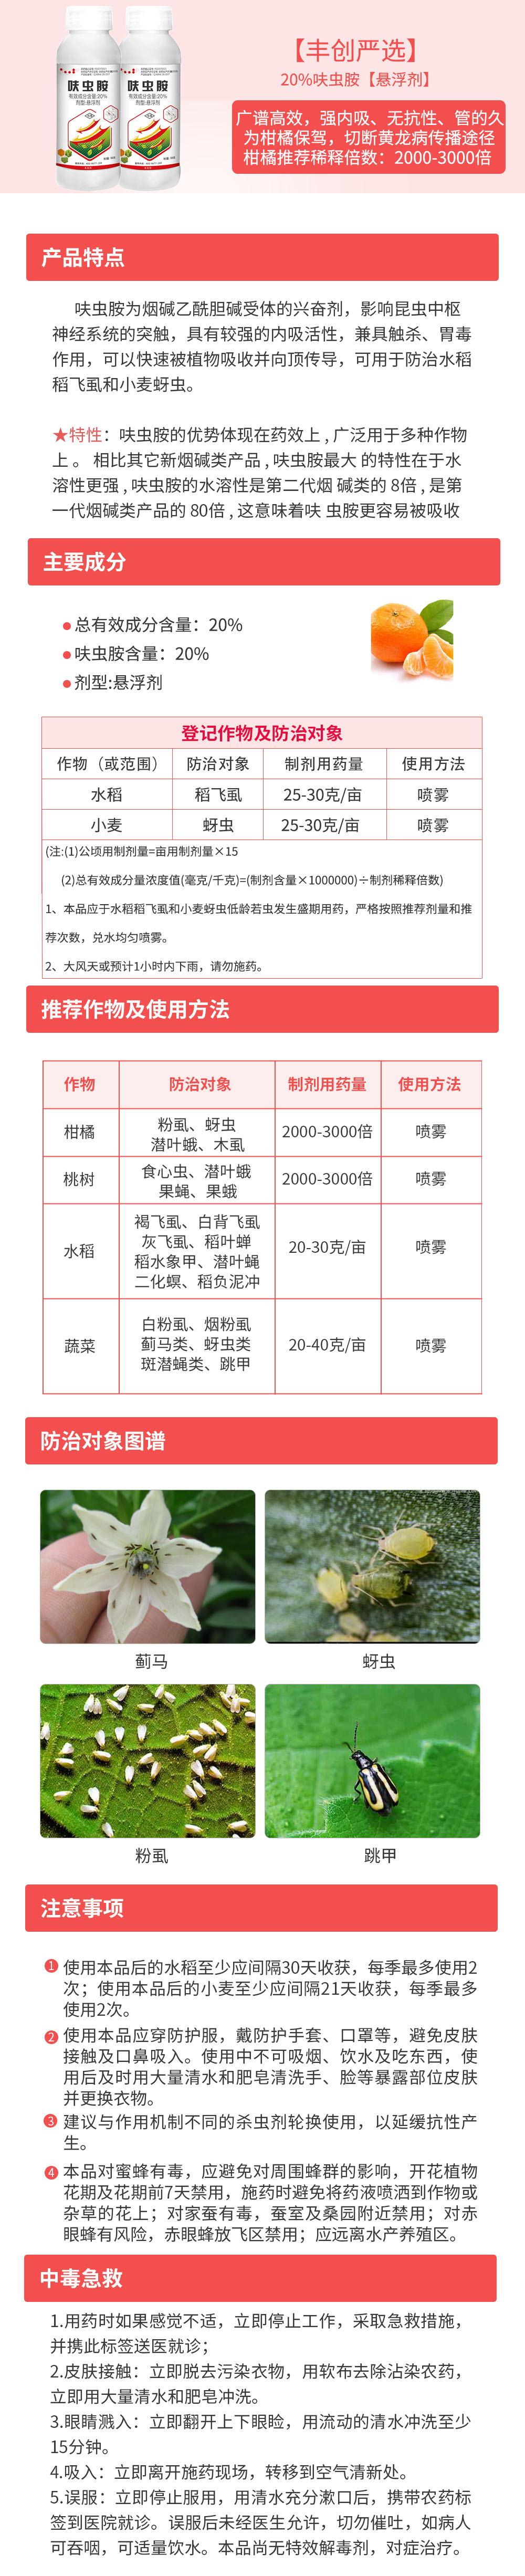 20%呋虫胺商详_看图王.jpg